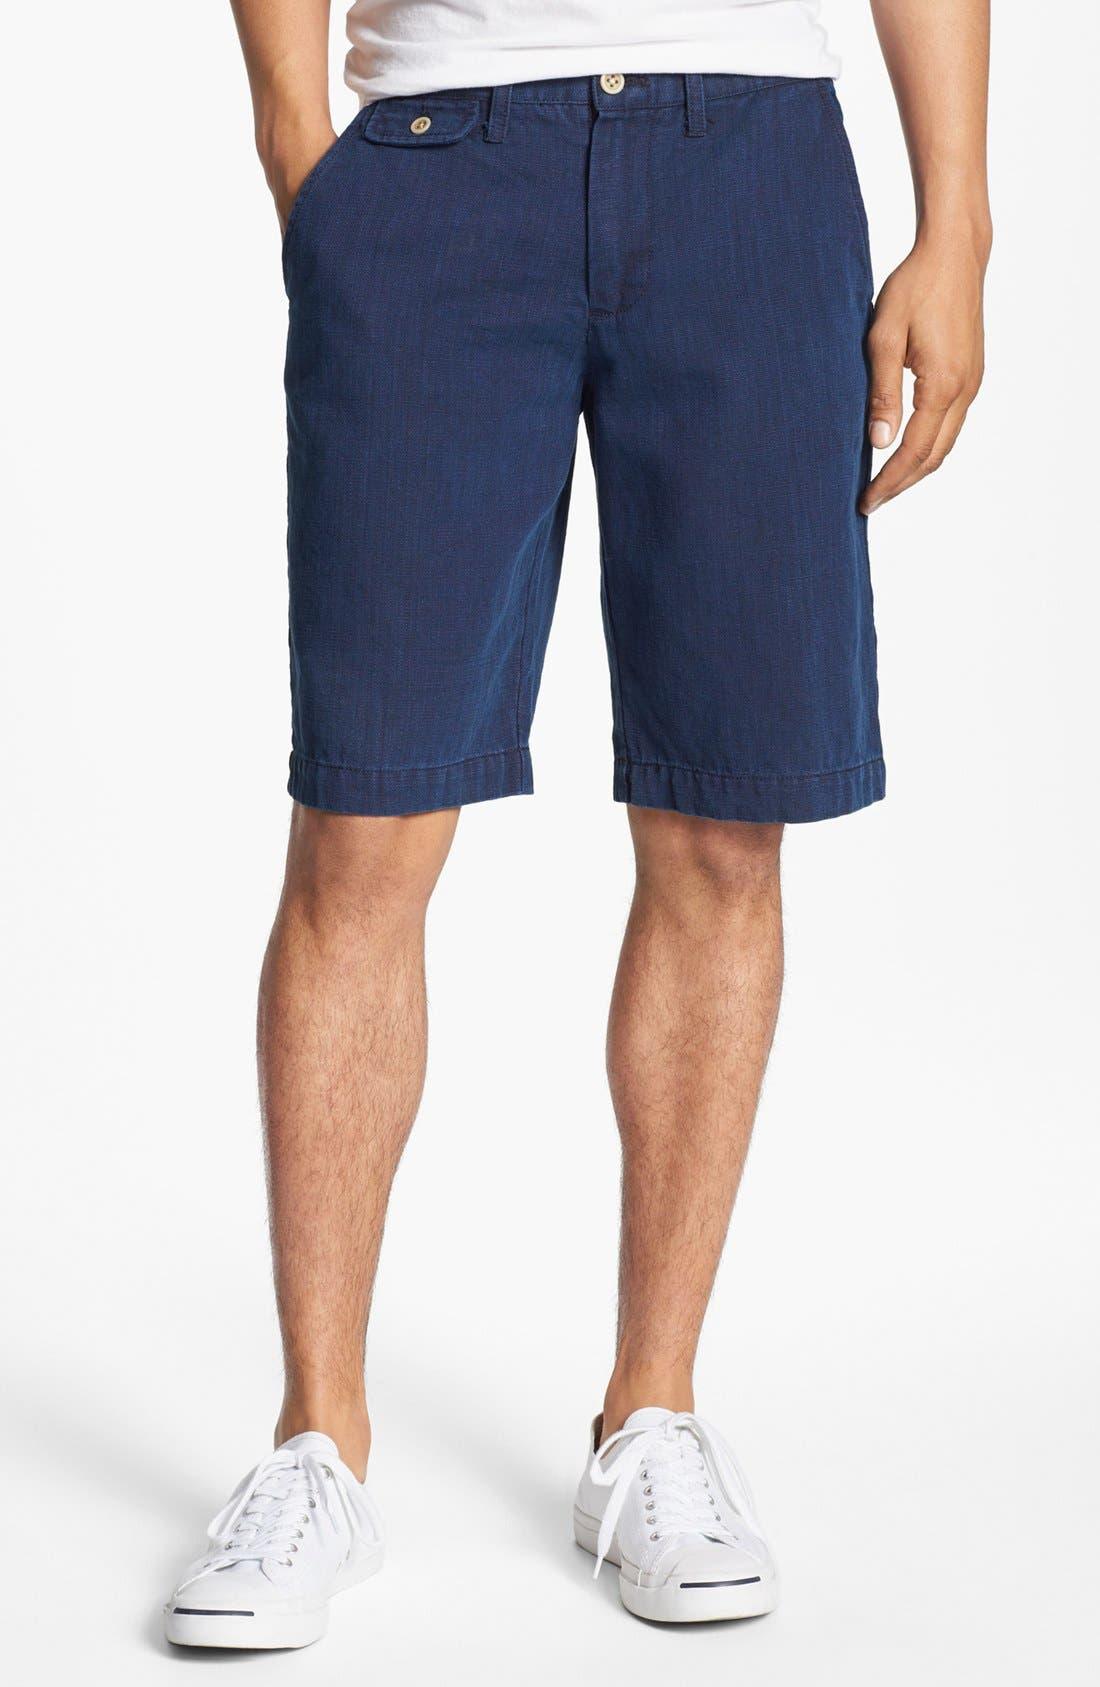 Alternate Image 1 Selected - Just A Cheap Shirt 'Guam' Linen Shorts